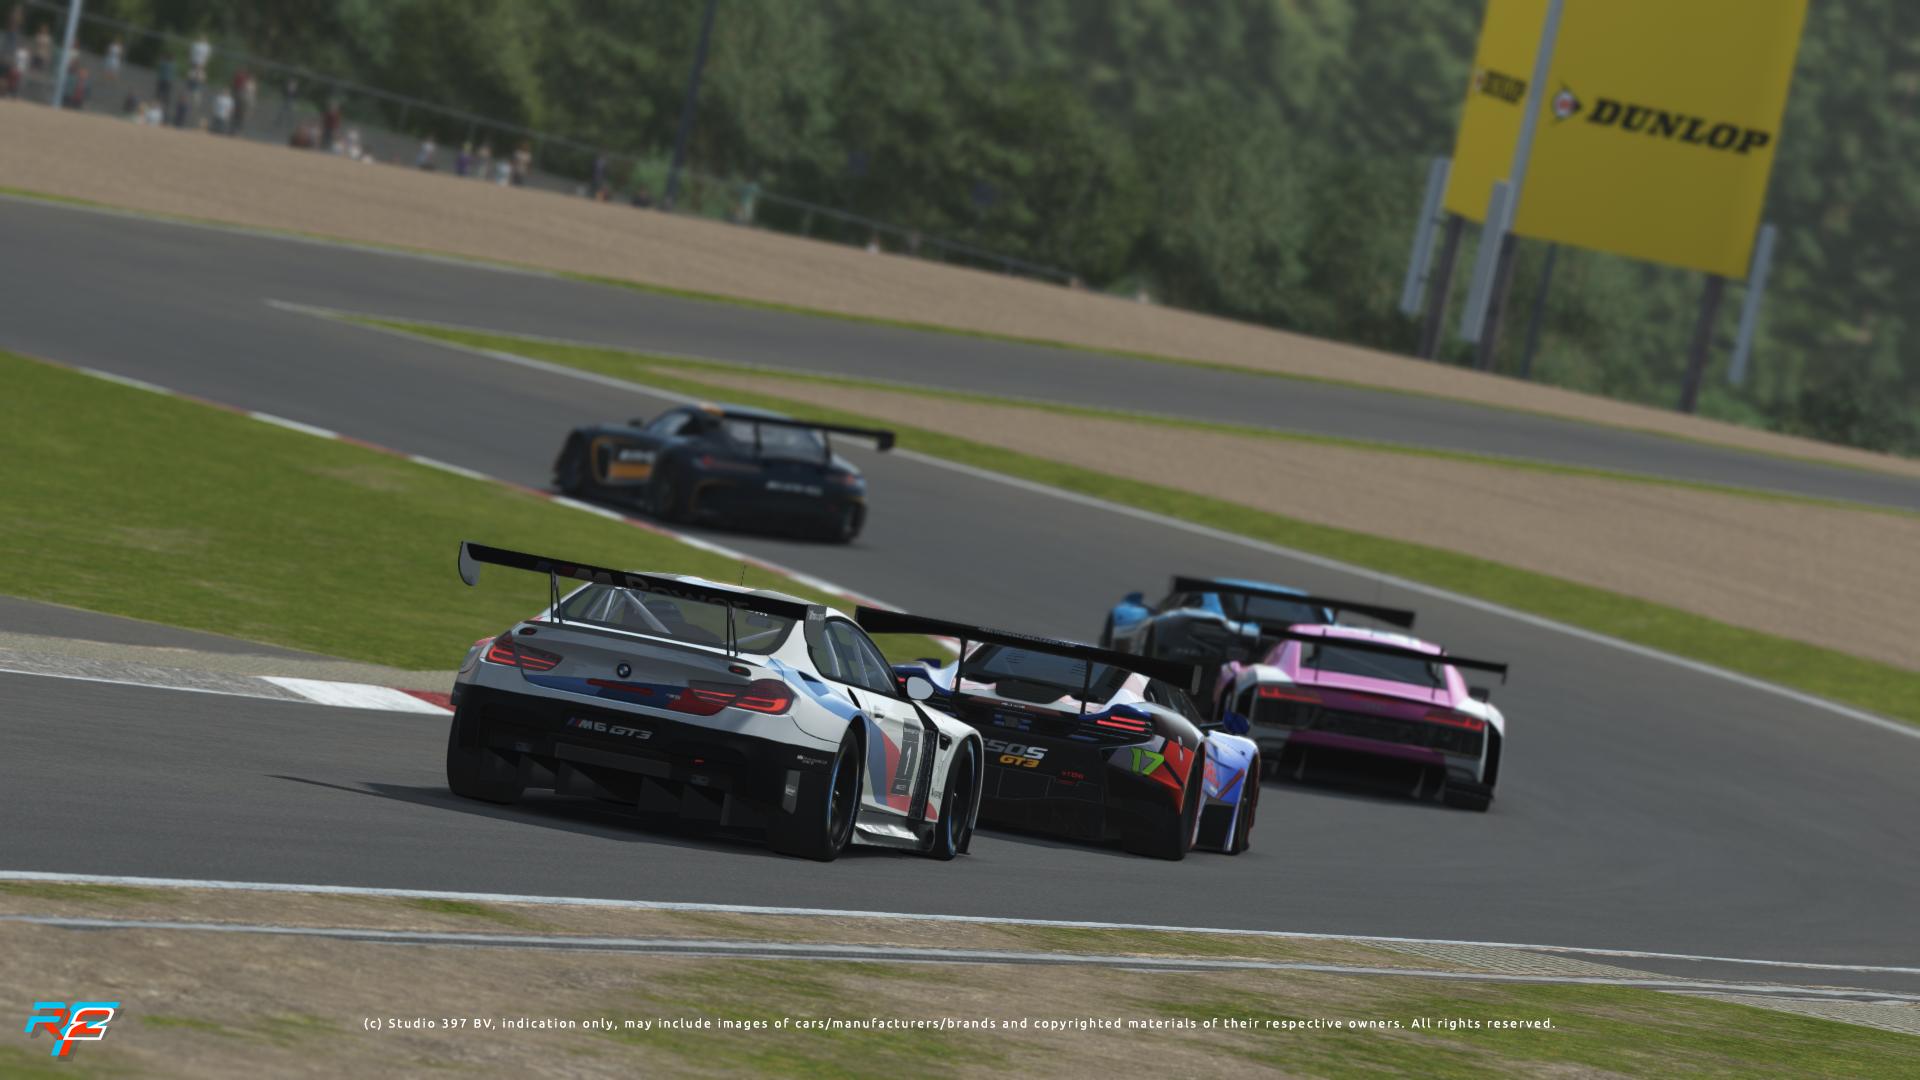 nurburgring_2020_july_screen_08.jpg